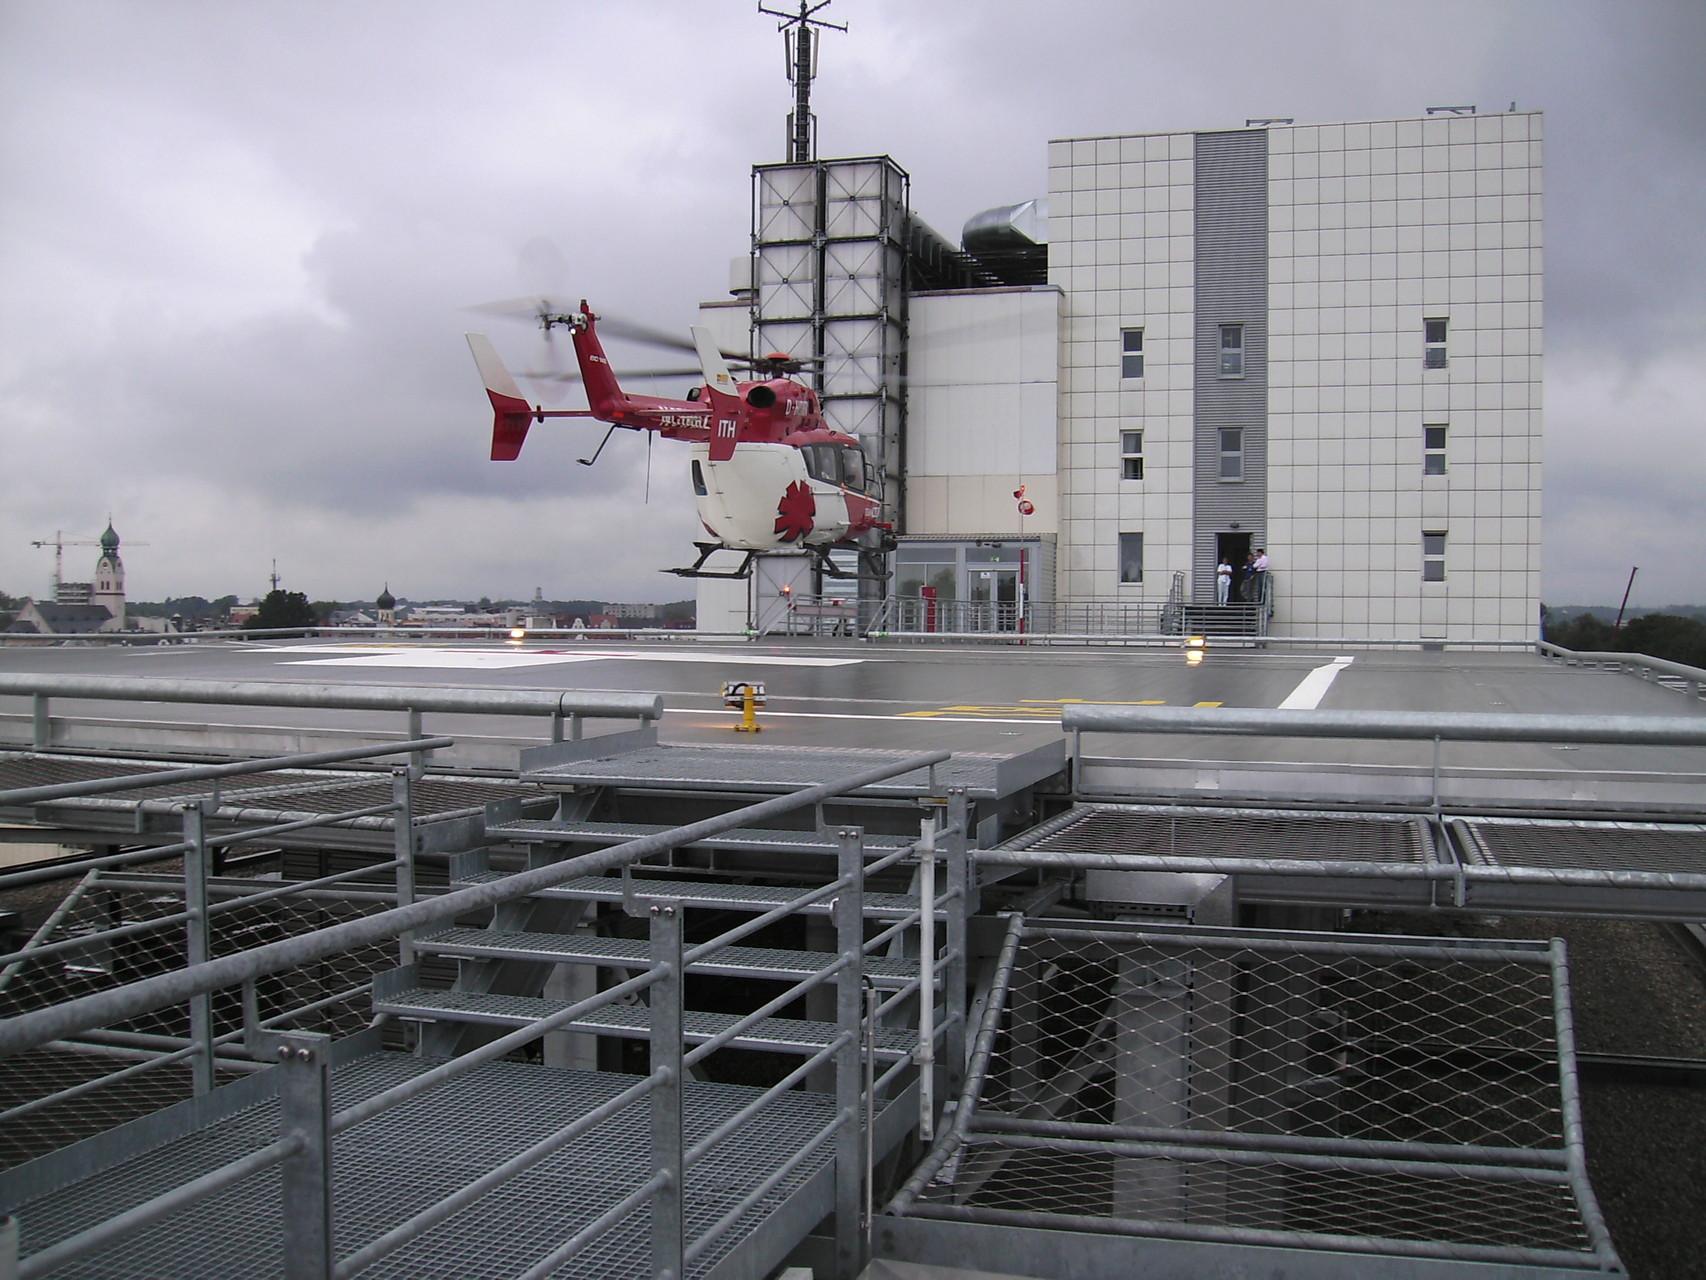 Klinikum Rosenheim: Planung und Realisierung des flachdachintegrierten Hubschrauberlandeplatzes mit direkter Anbindung an das Hauptgebäude